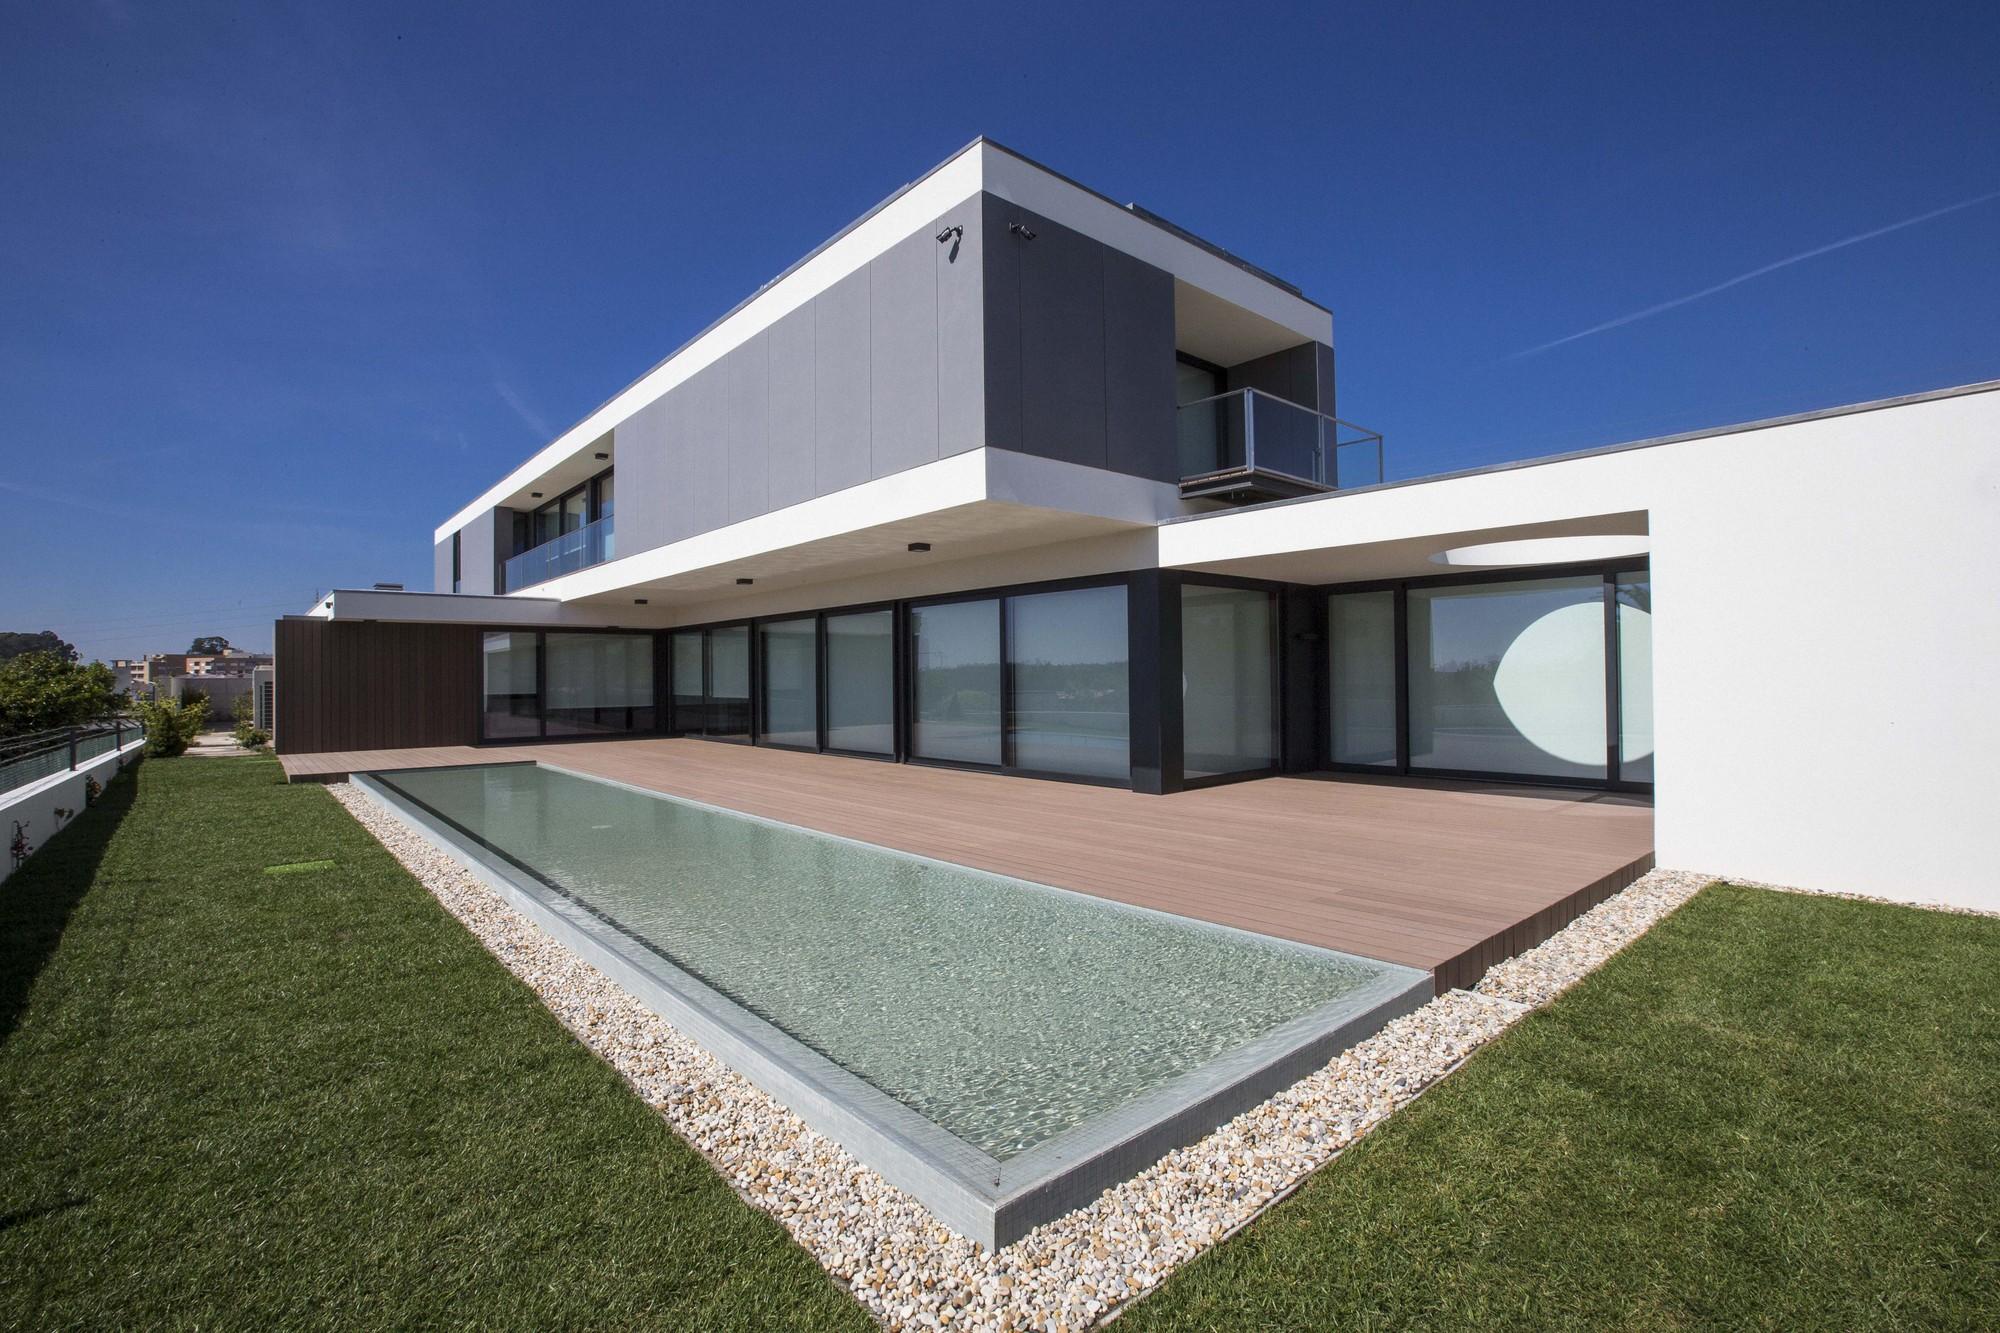 Casa Prefabbricata Design : A basso costo luce struttura in acciaio prefabbricati villa casa di